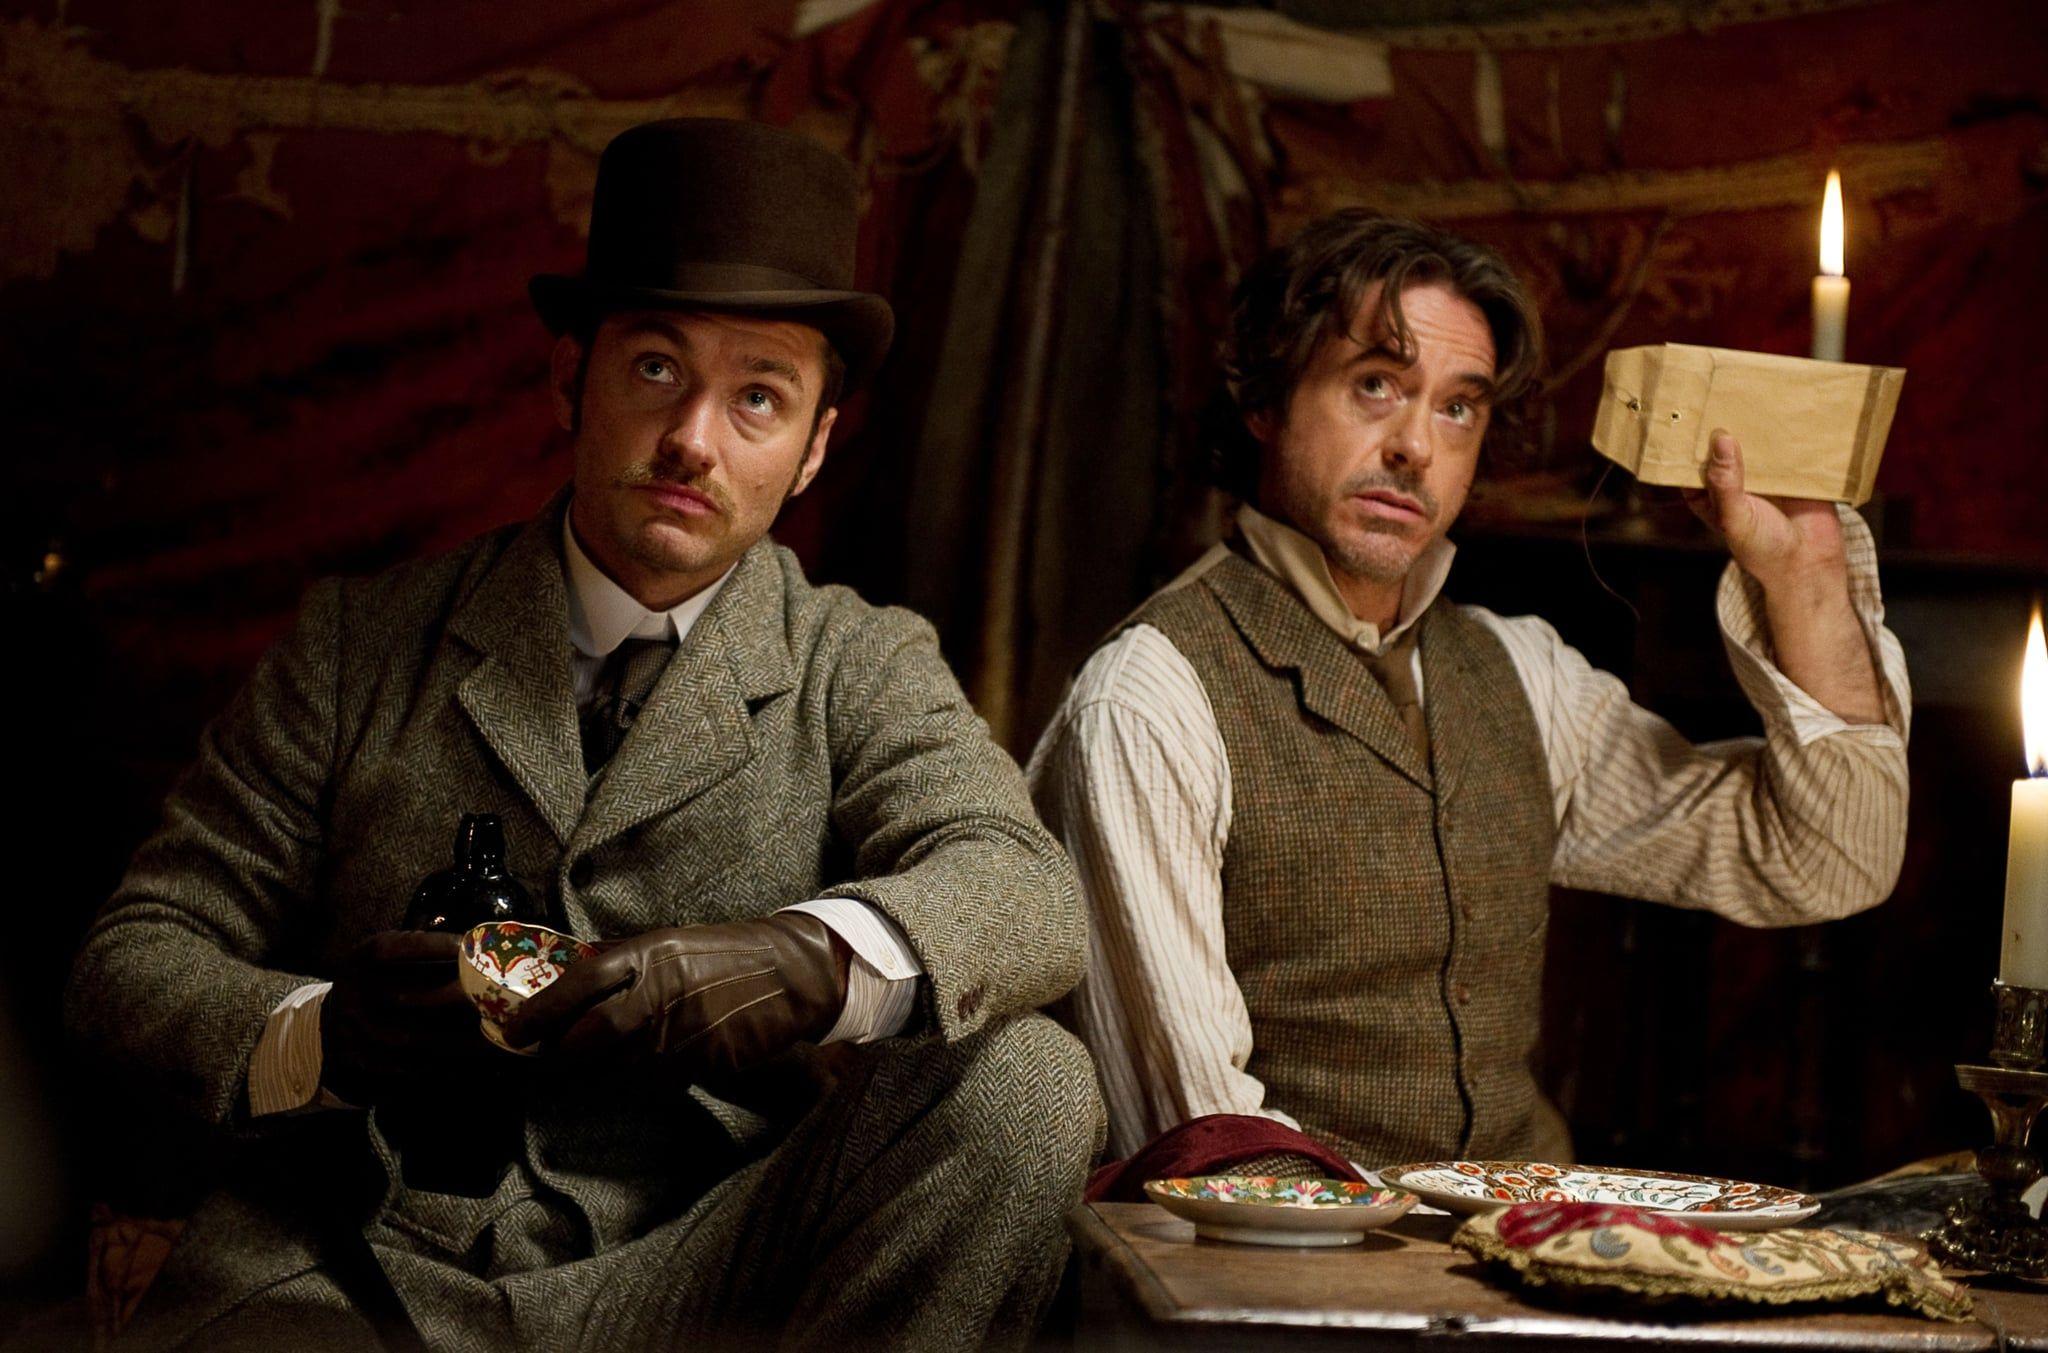 Sherlock Holmes 3 cast, release date, plot, spoilers